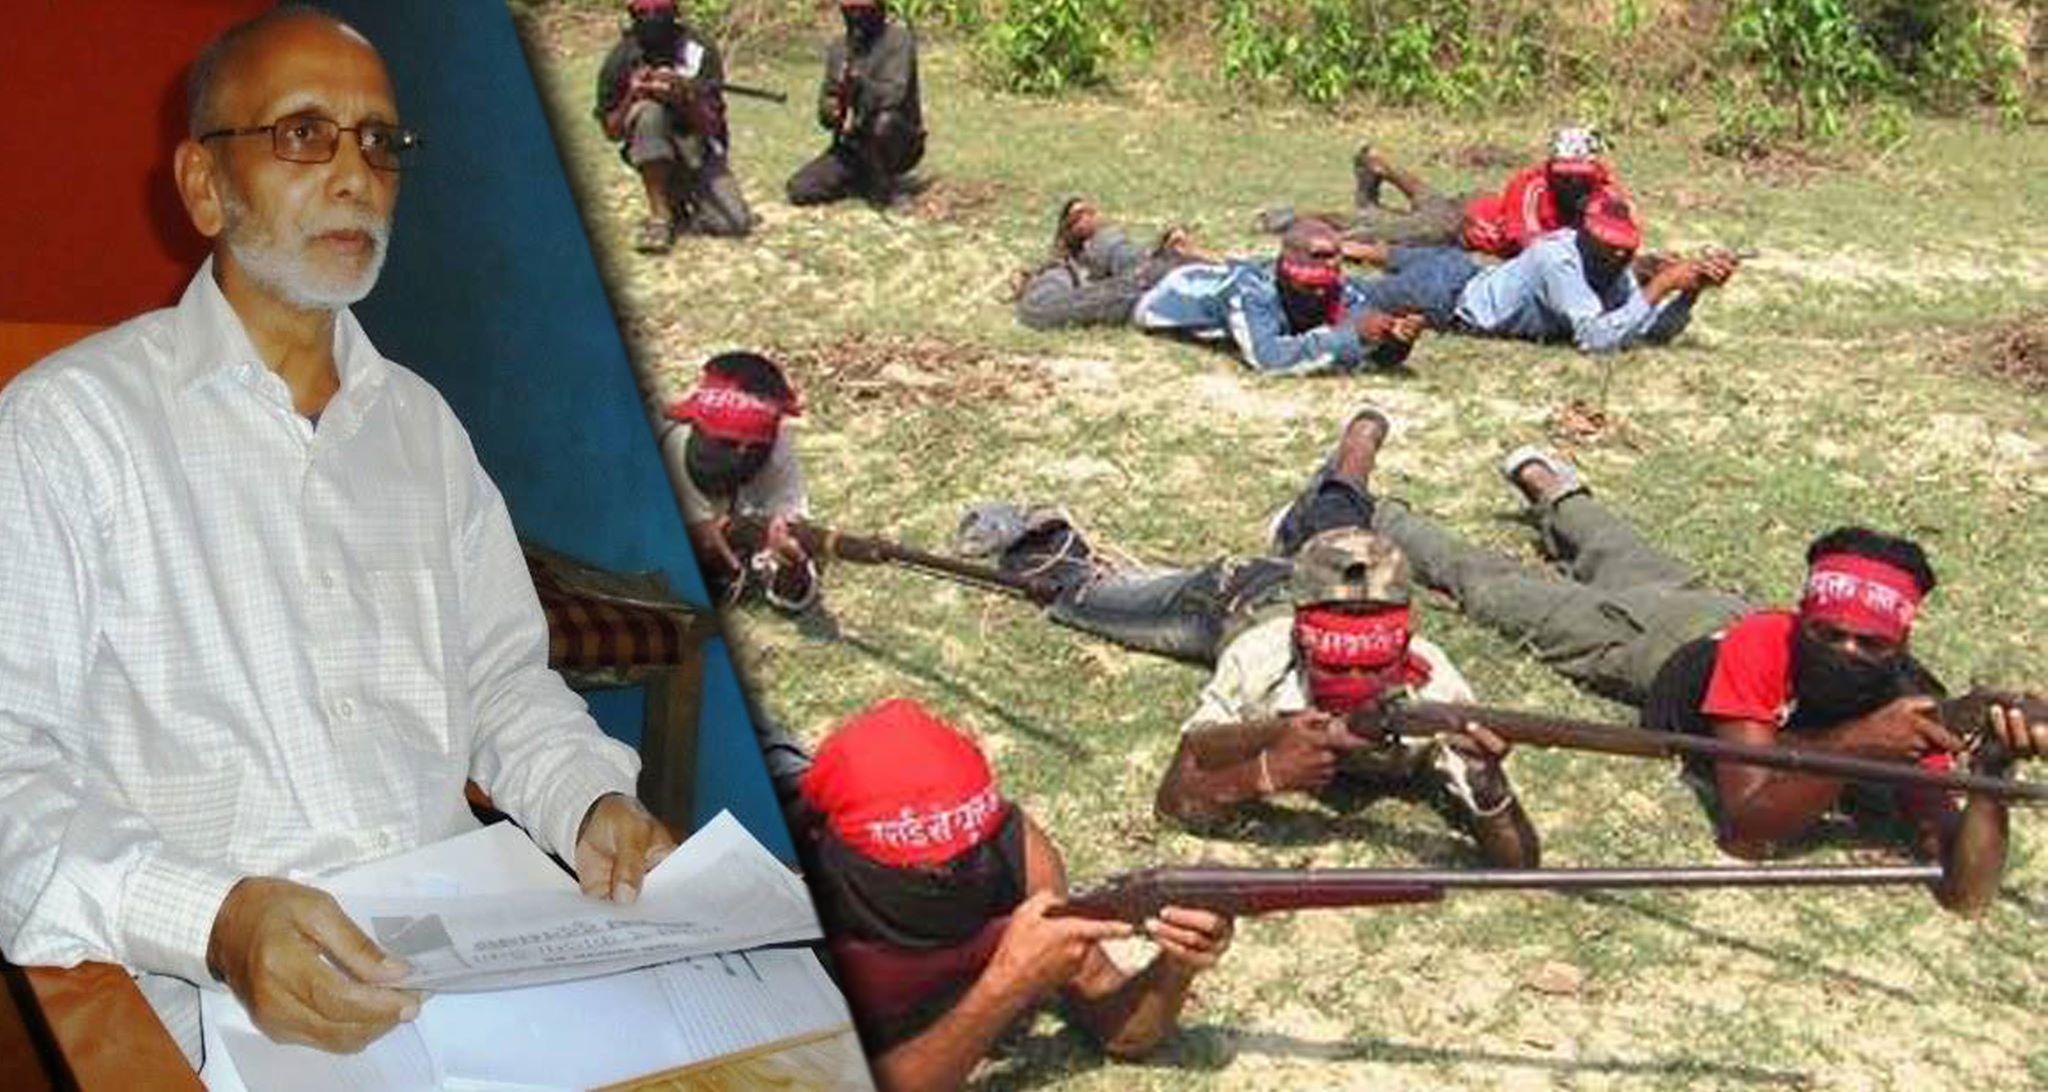 टाउको उठाउन खोज्दै गोइत समूह, आतंक सृजना गर्न दुई जिल्लामा विस्फोटका घटना